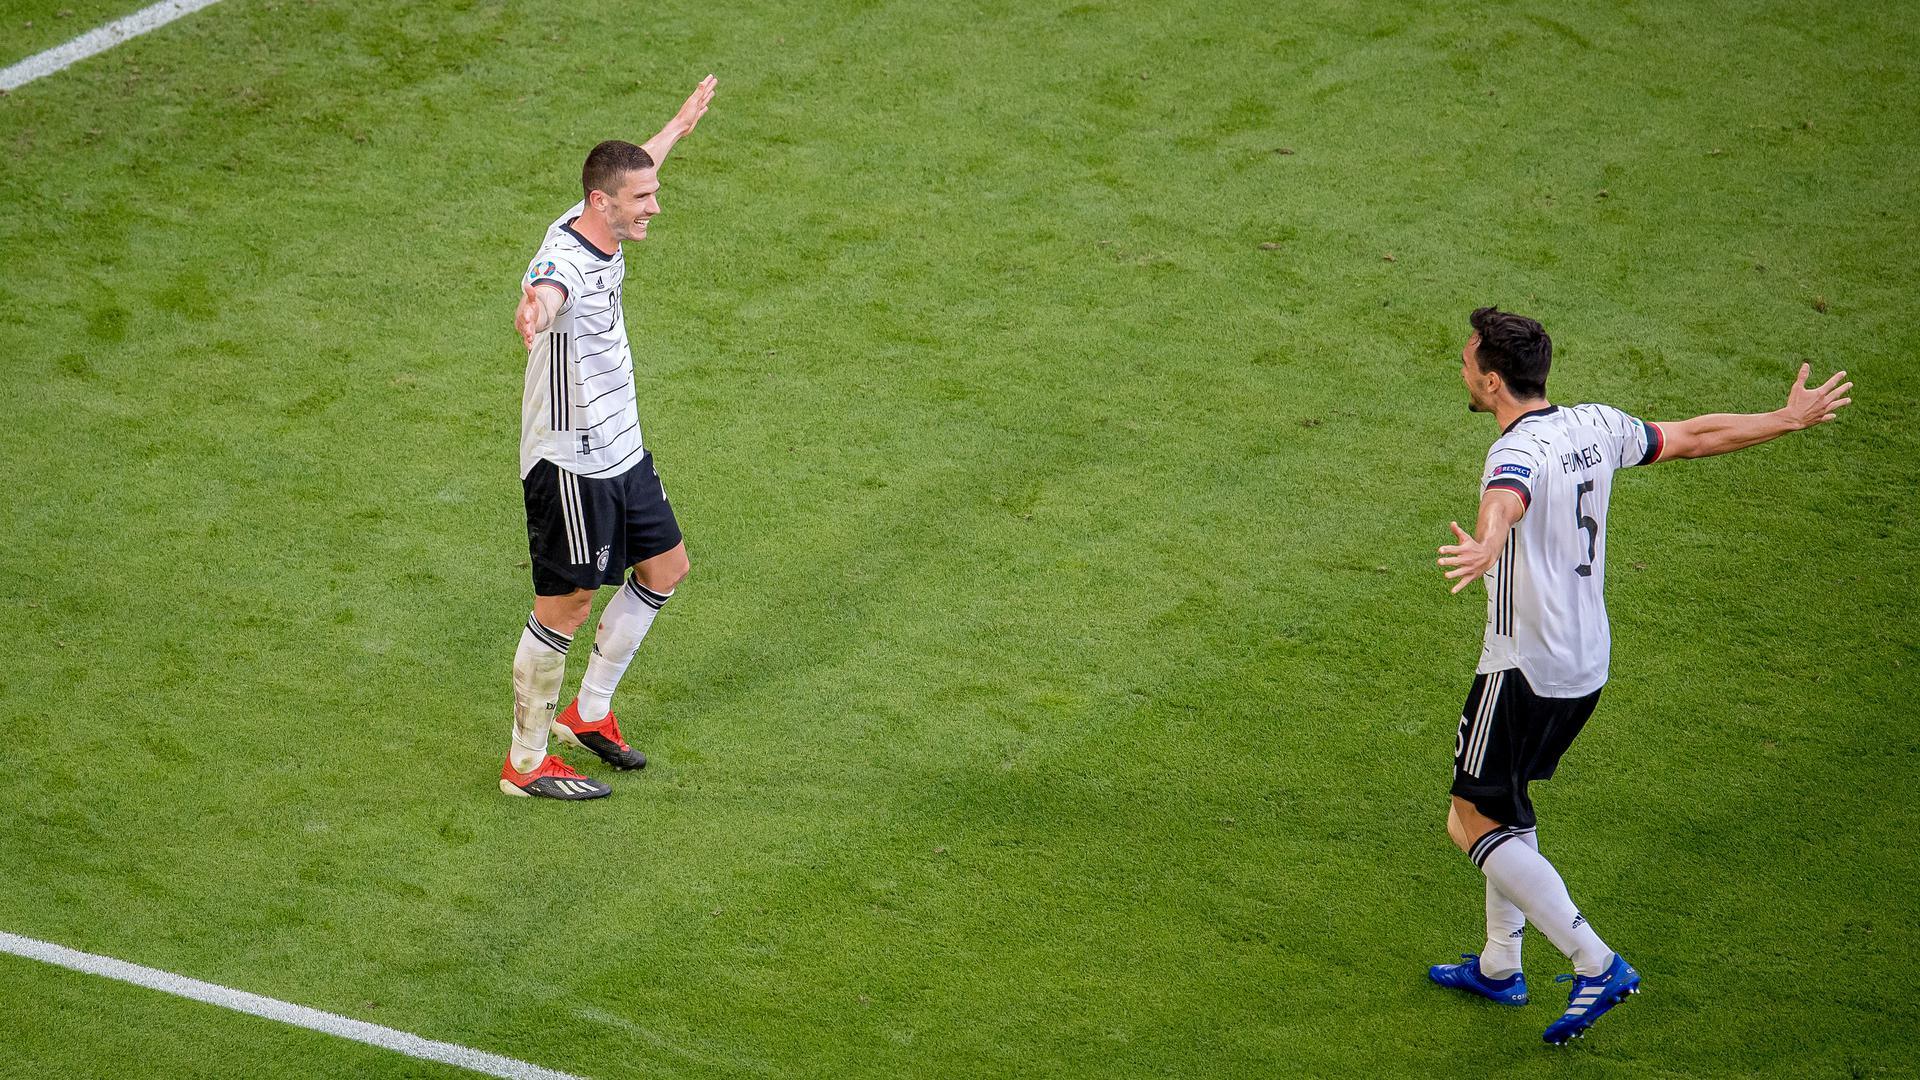 Robin Gosens (Deutschland) jubelt nach seinem Treffer zum 4:1 mit Mats Hummels.  GES/ Fussball/ UEFA Euro 2020: Gruppe F: 2. Spieltag: Spiel 24: Portugal - Deutschland, 19.06.2021  Football / Soccer: UEFA Euro 2020: Group F: Matchday 2: Match 24: Portugal vs Germany, Munich, Germany, June 19, 2021